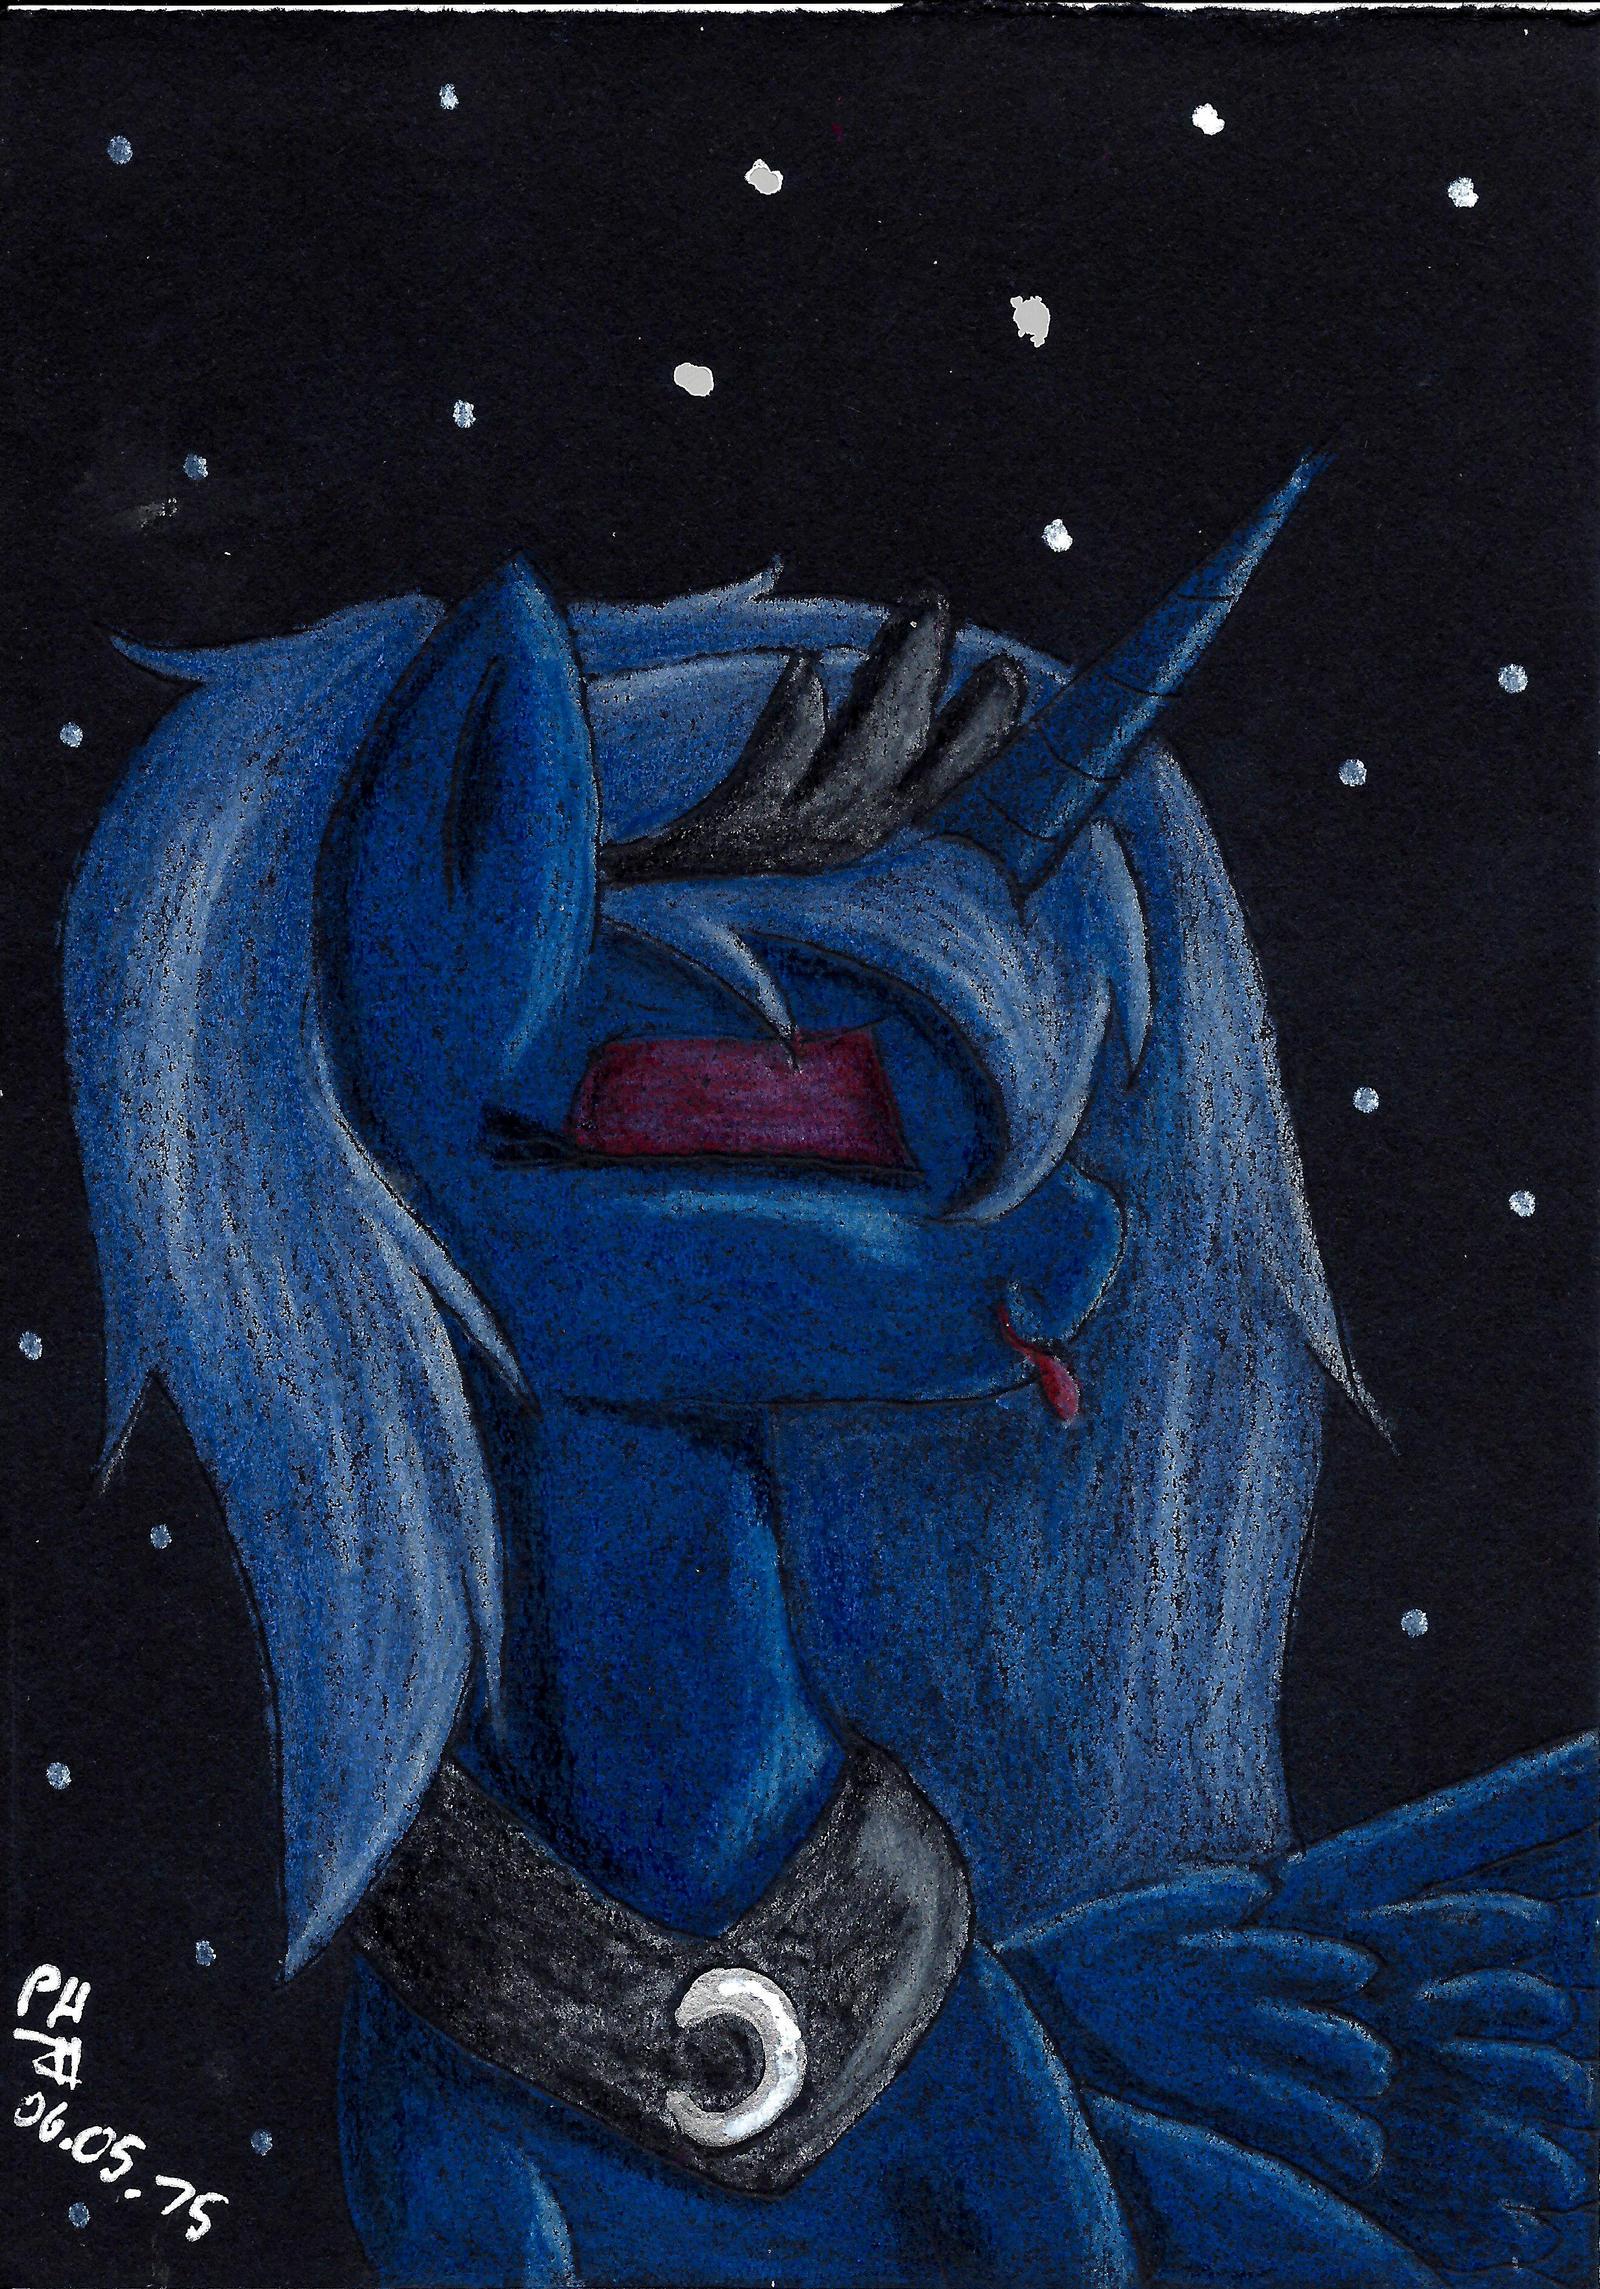 Luna by PanHaukatze